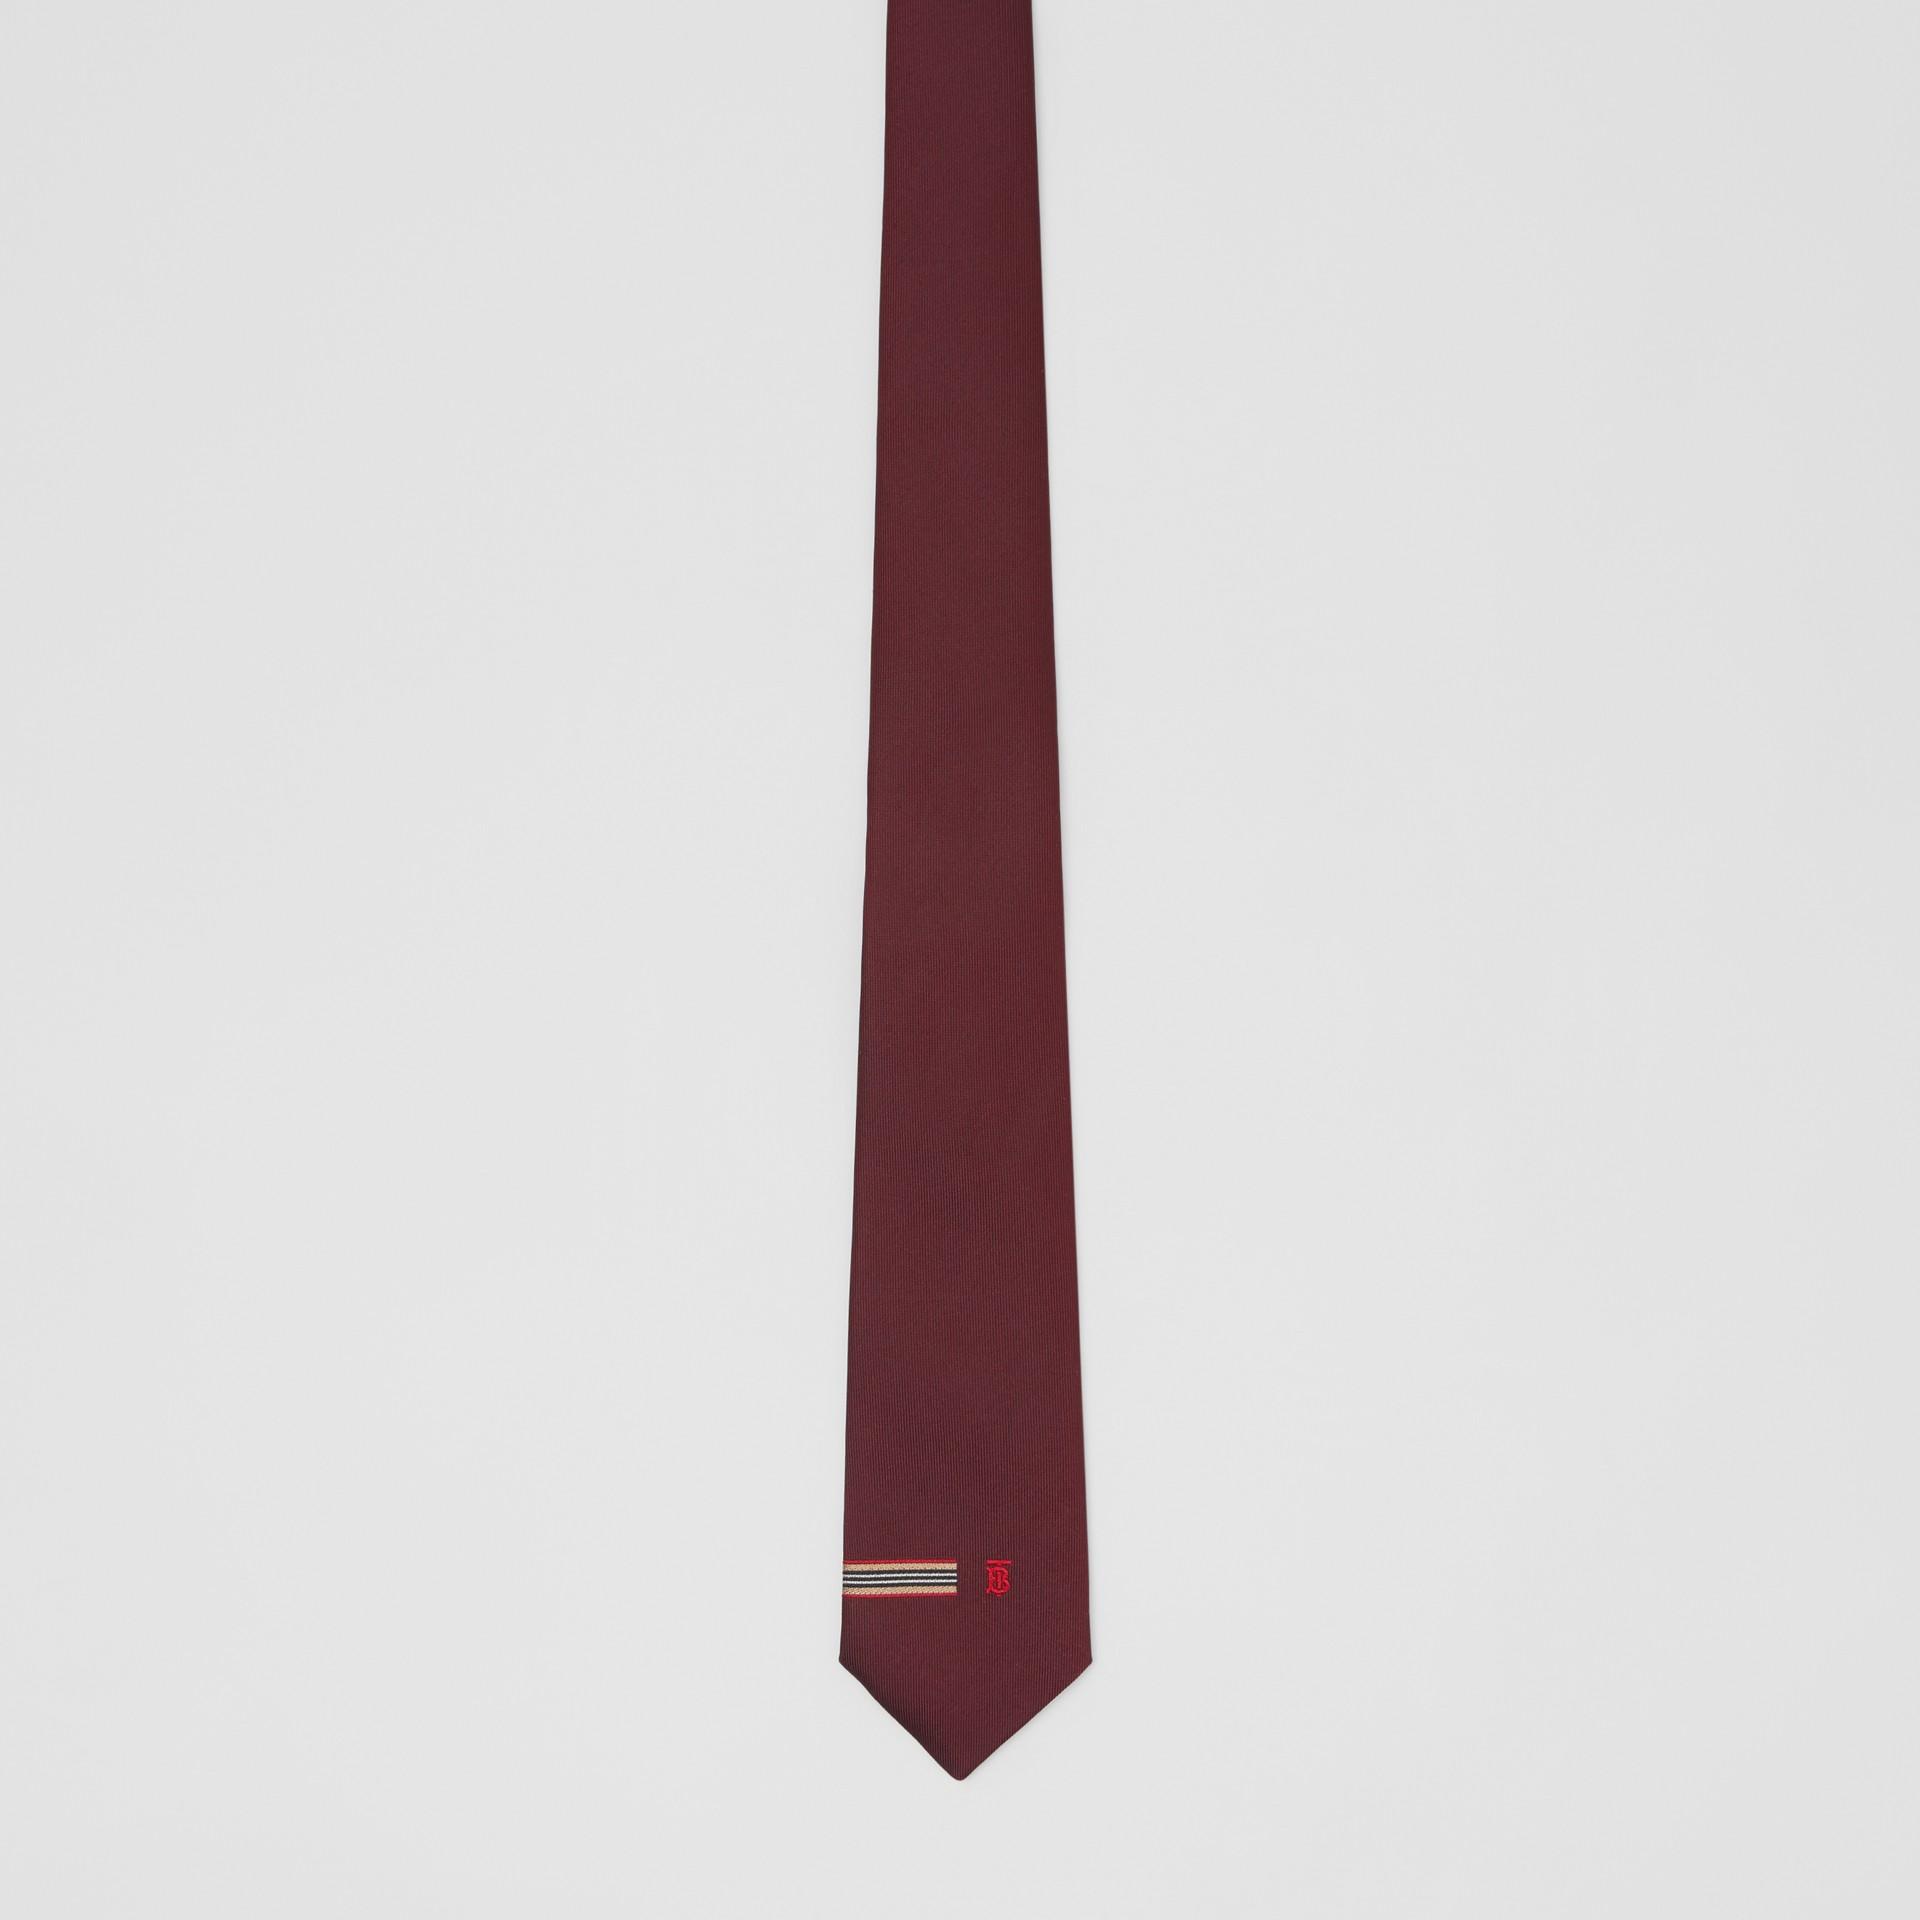 Corbata de pala clásica en seda con detalle a rayas Icon Stripe y monograma (Granate) - Hombre | Burberry - imagen de la galería 2